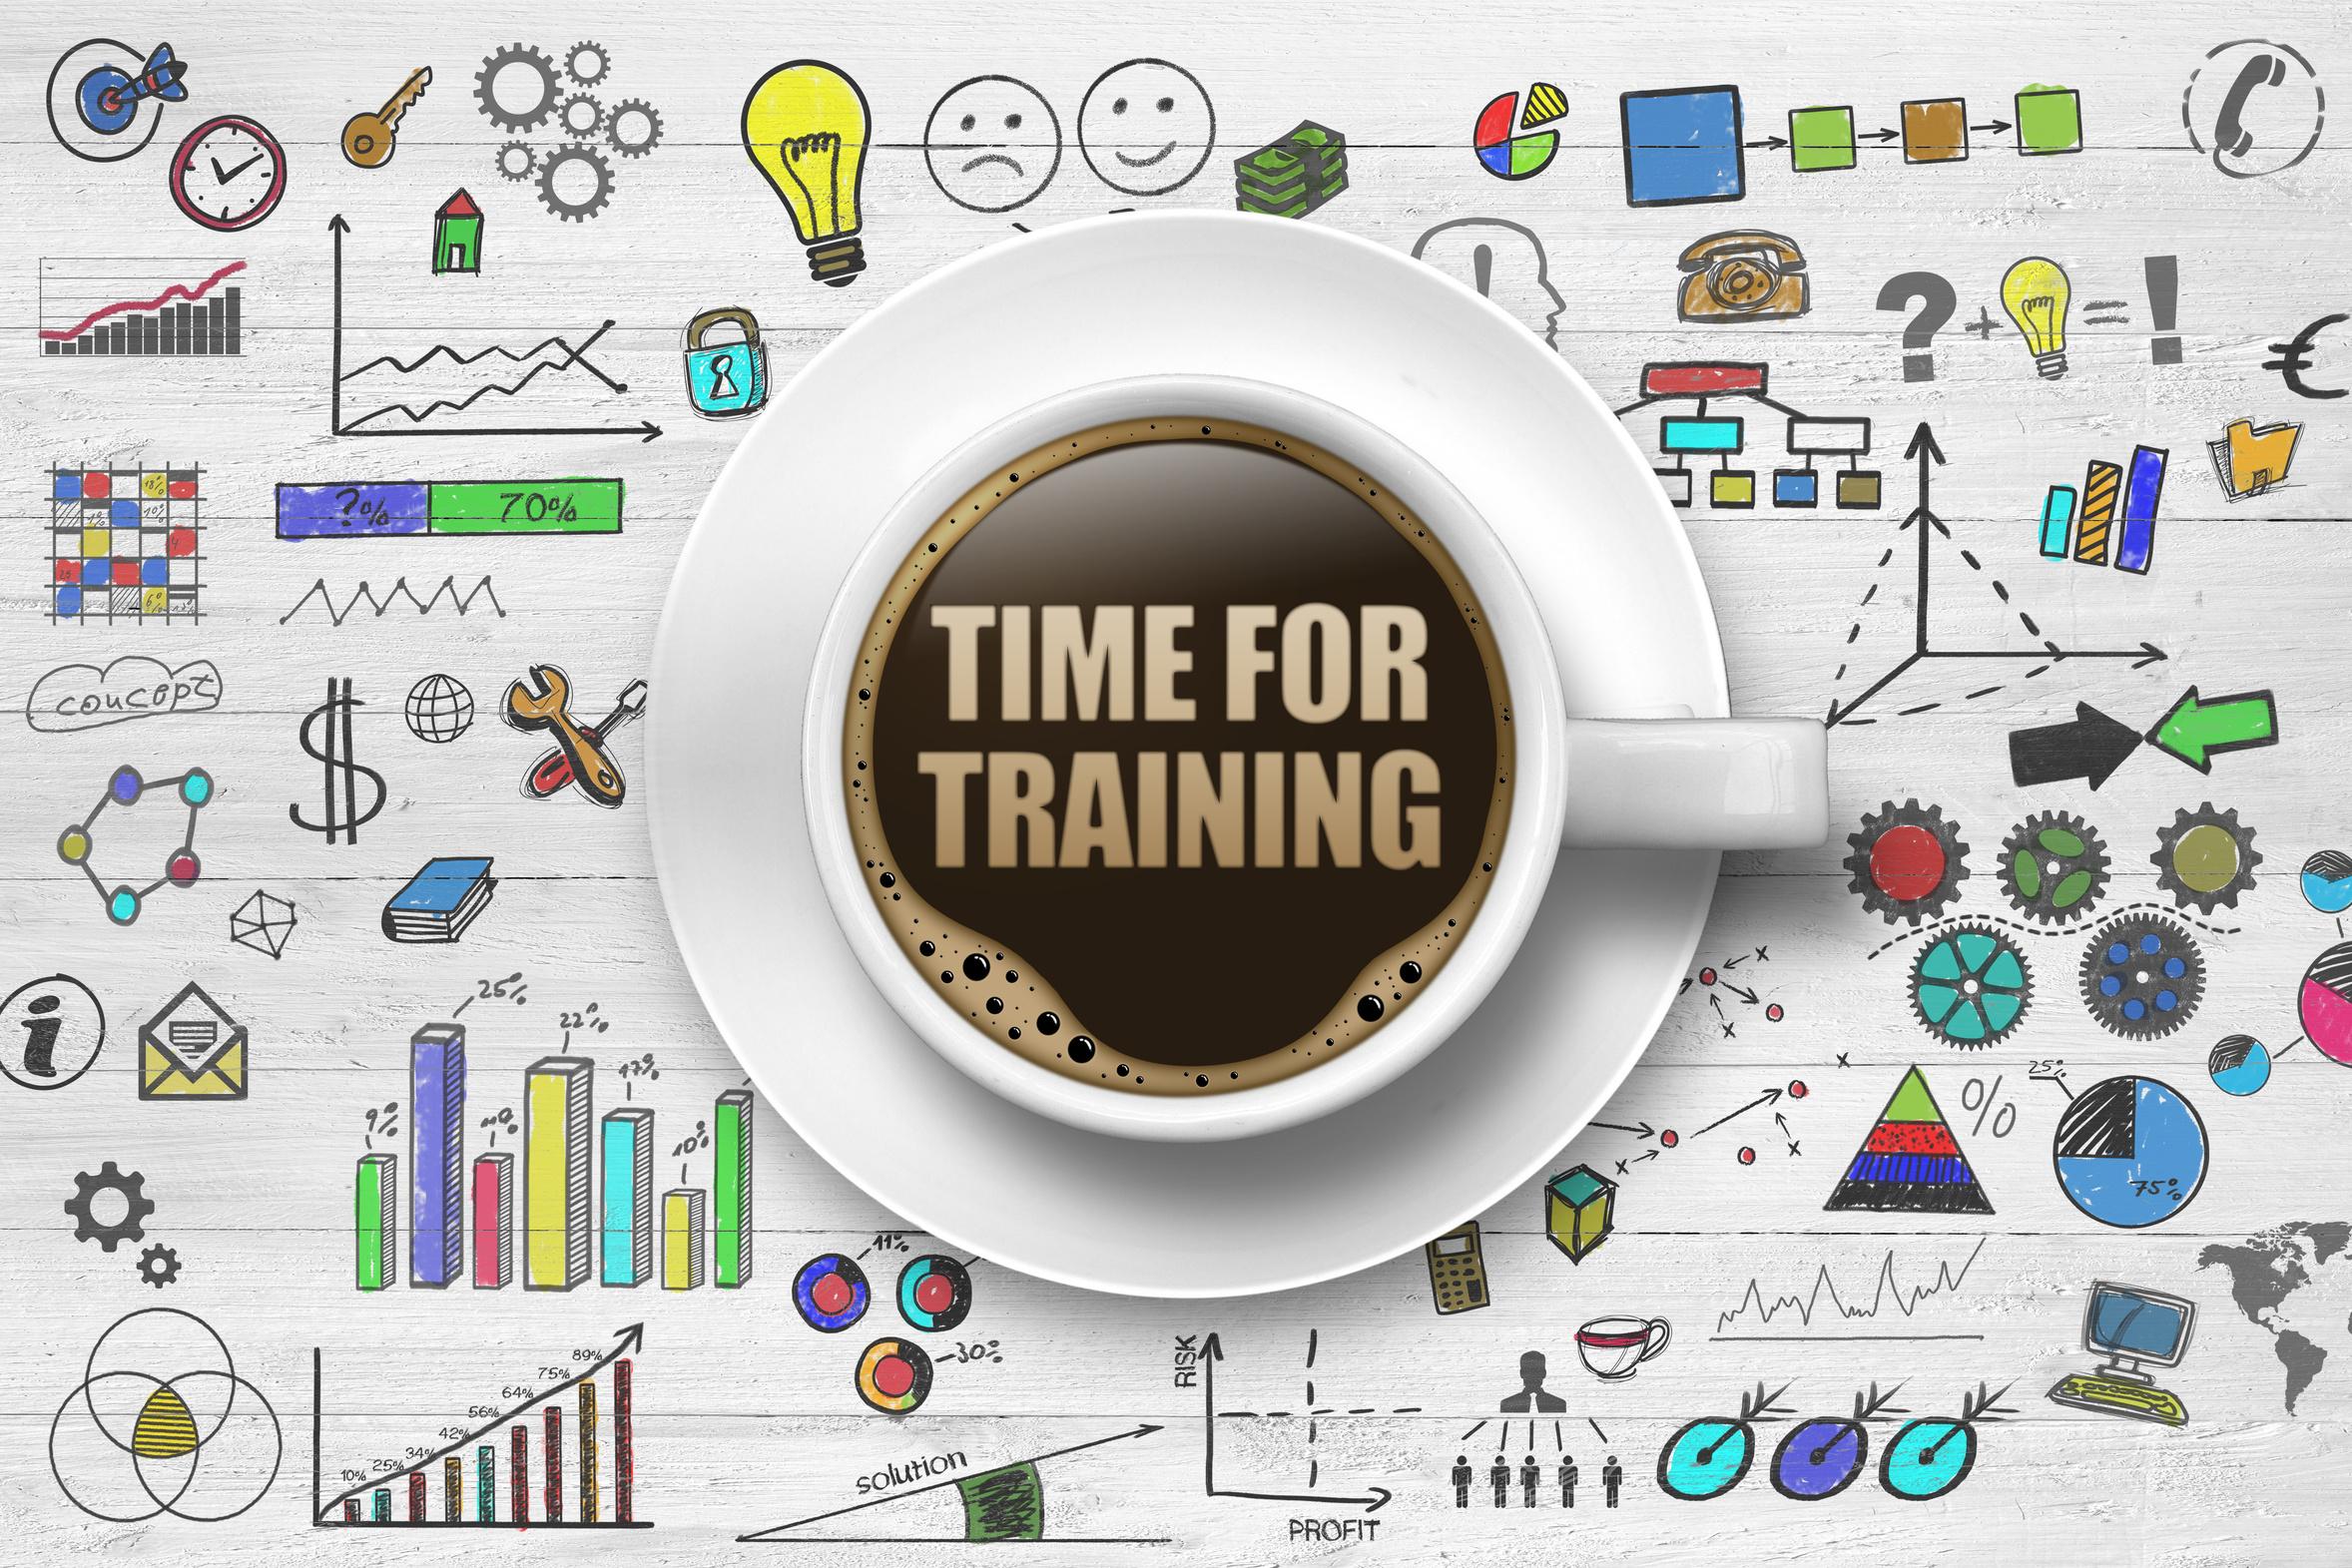 Zeit für Training